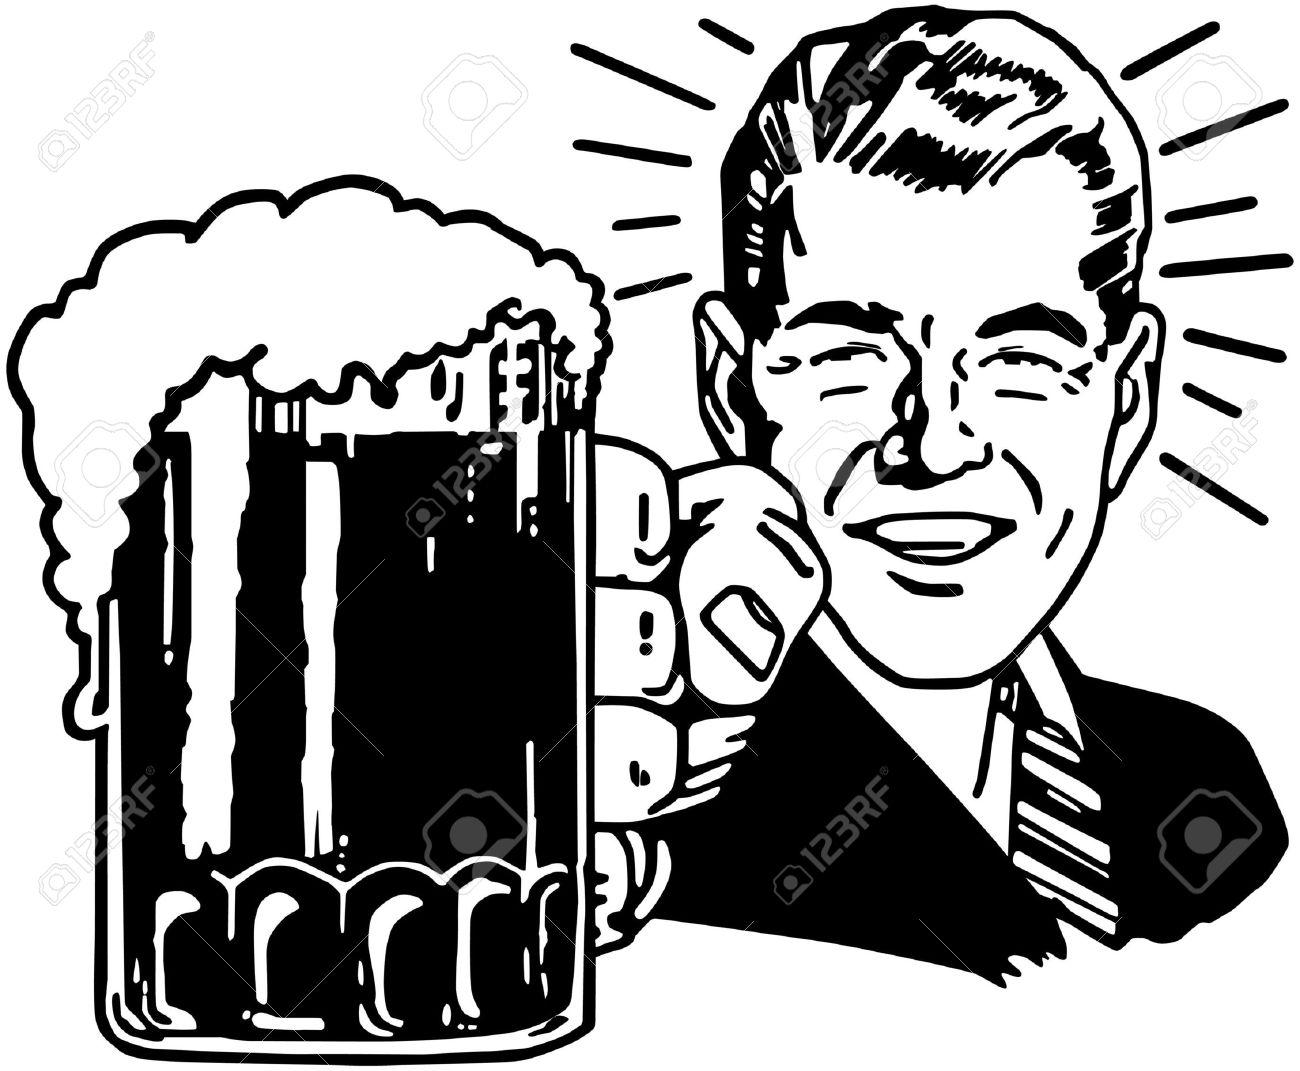 Retro Beer Guy - 28344350